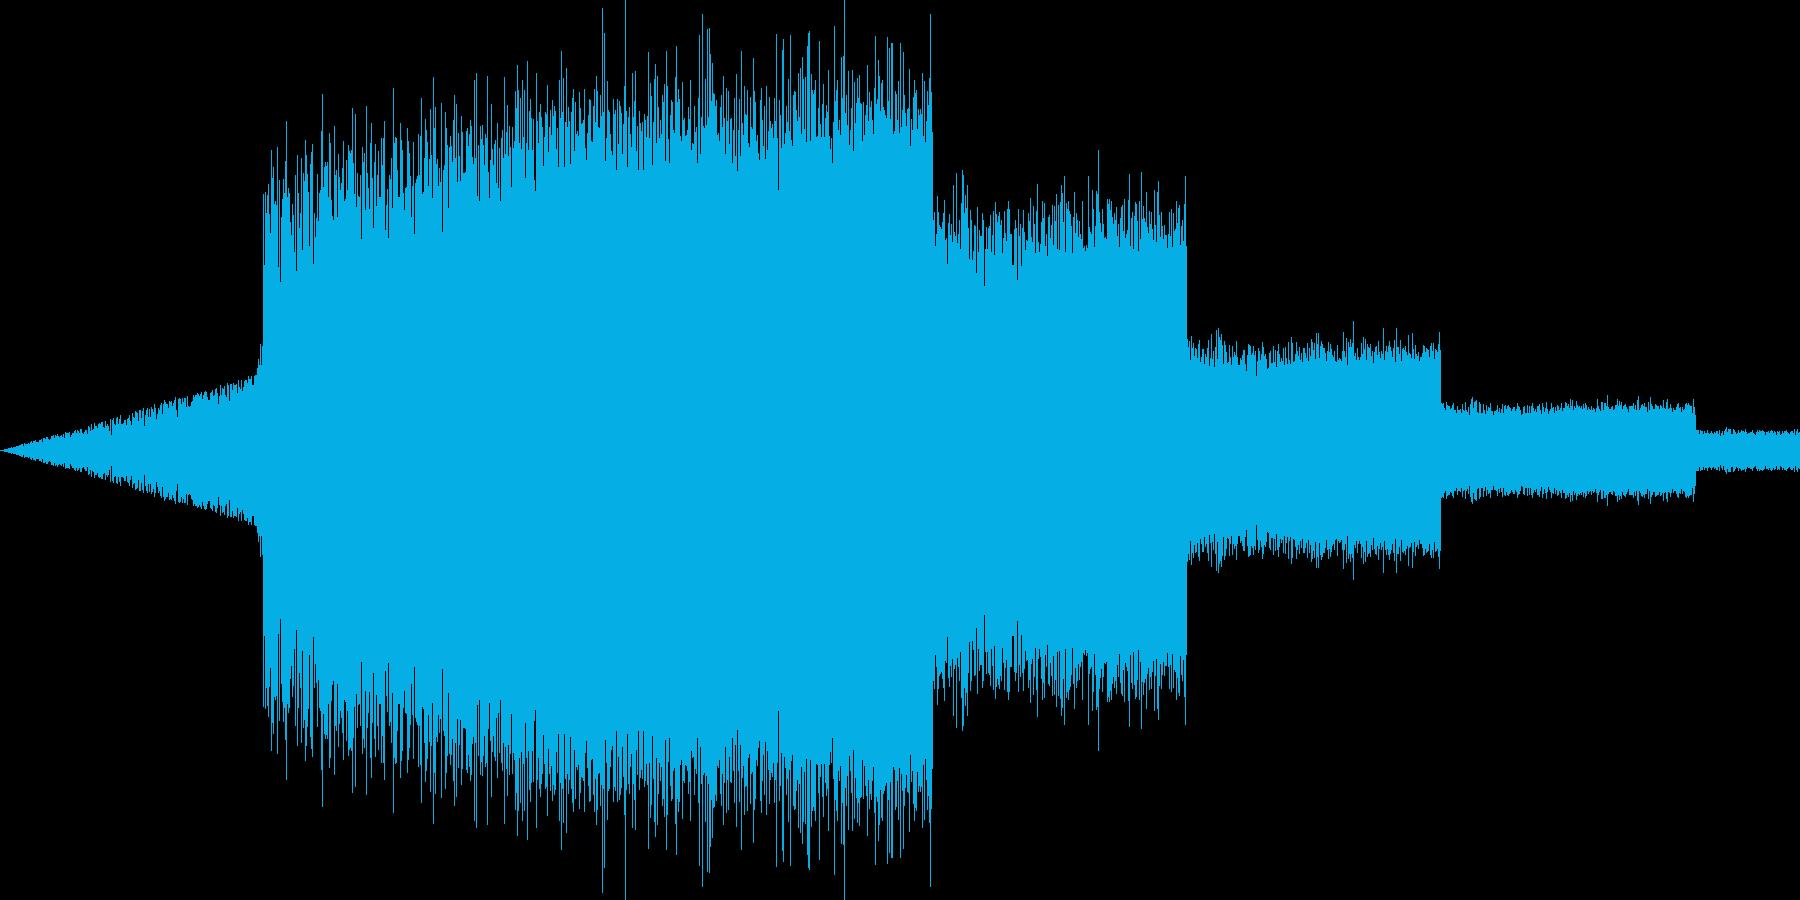 【ギュイーン】アプリ、パワーアップ音の再生済みの波形